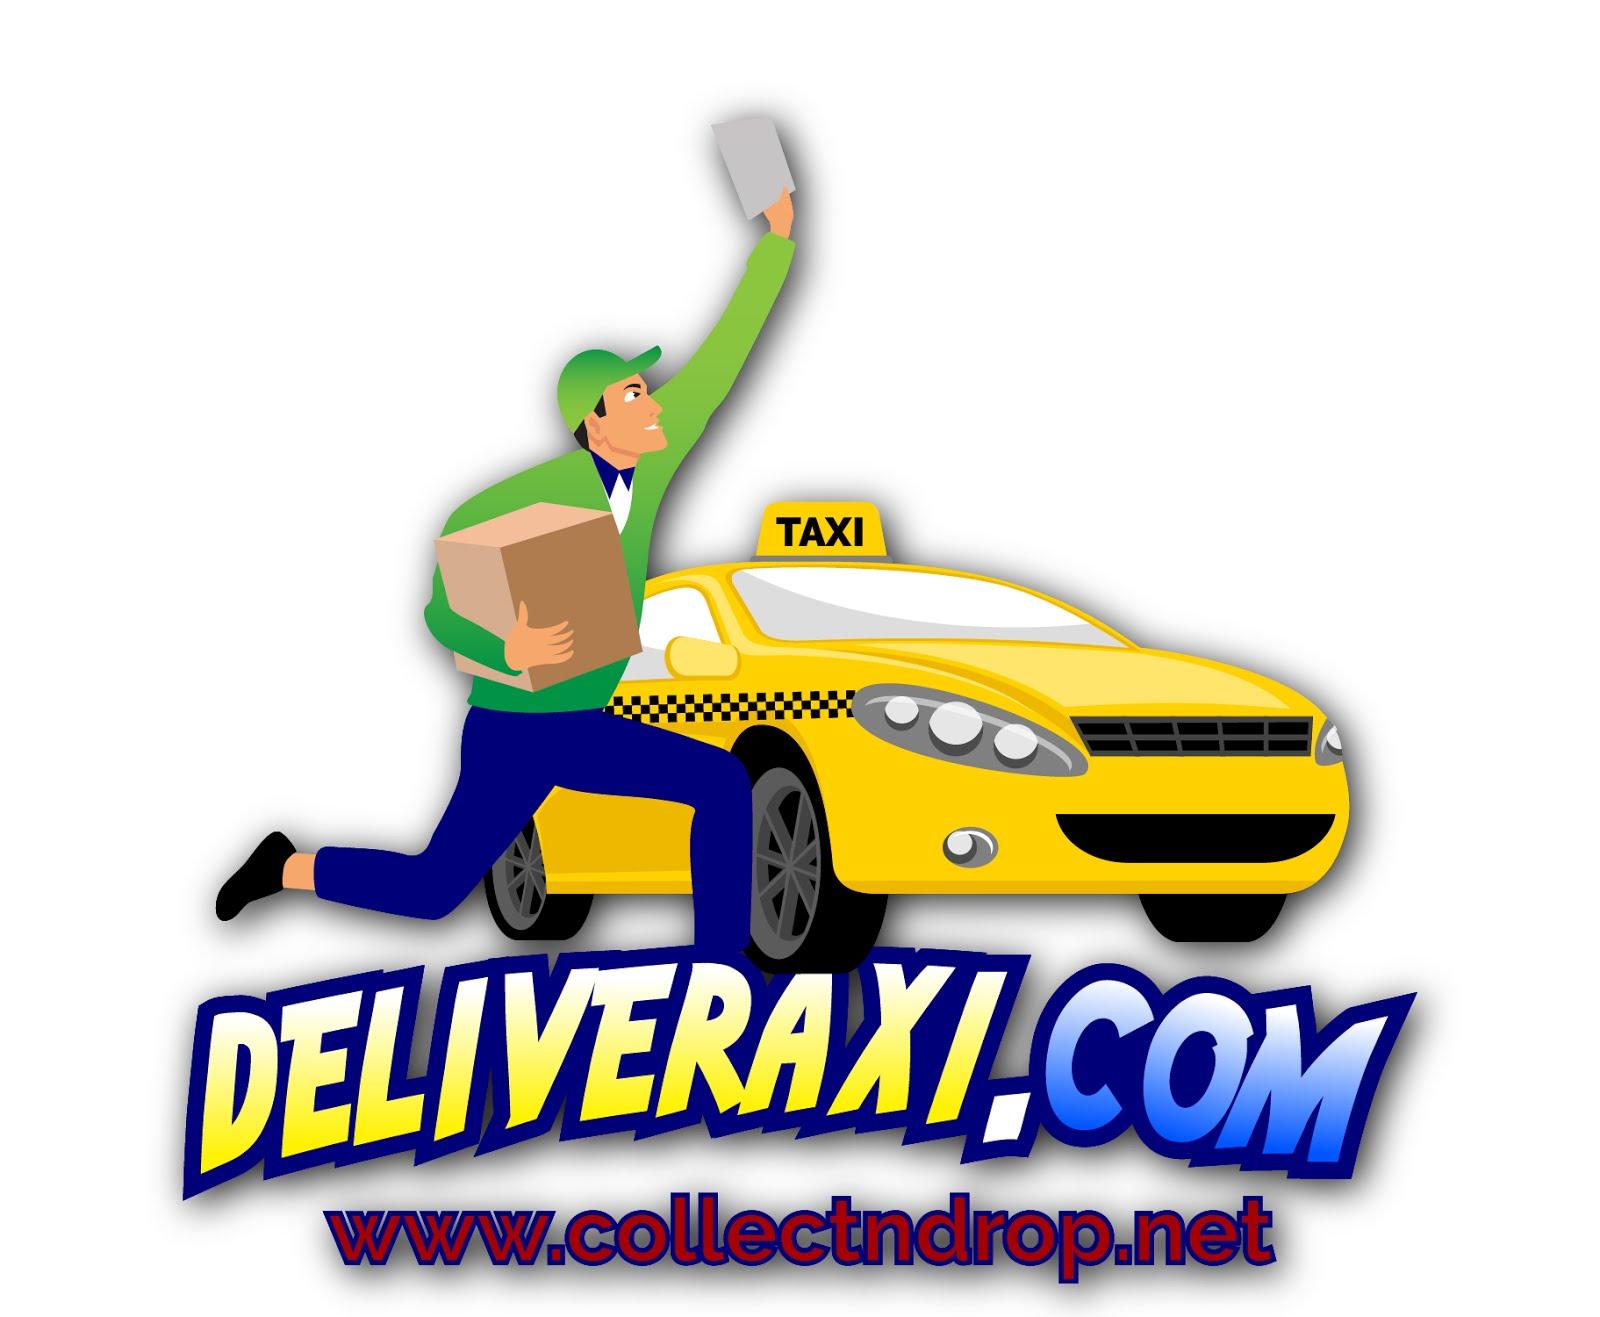 www.deliveraxi.com